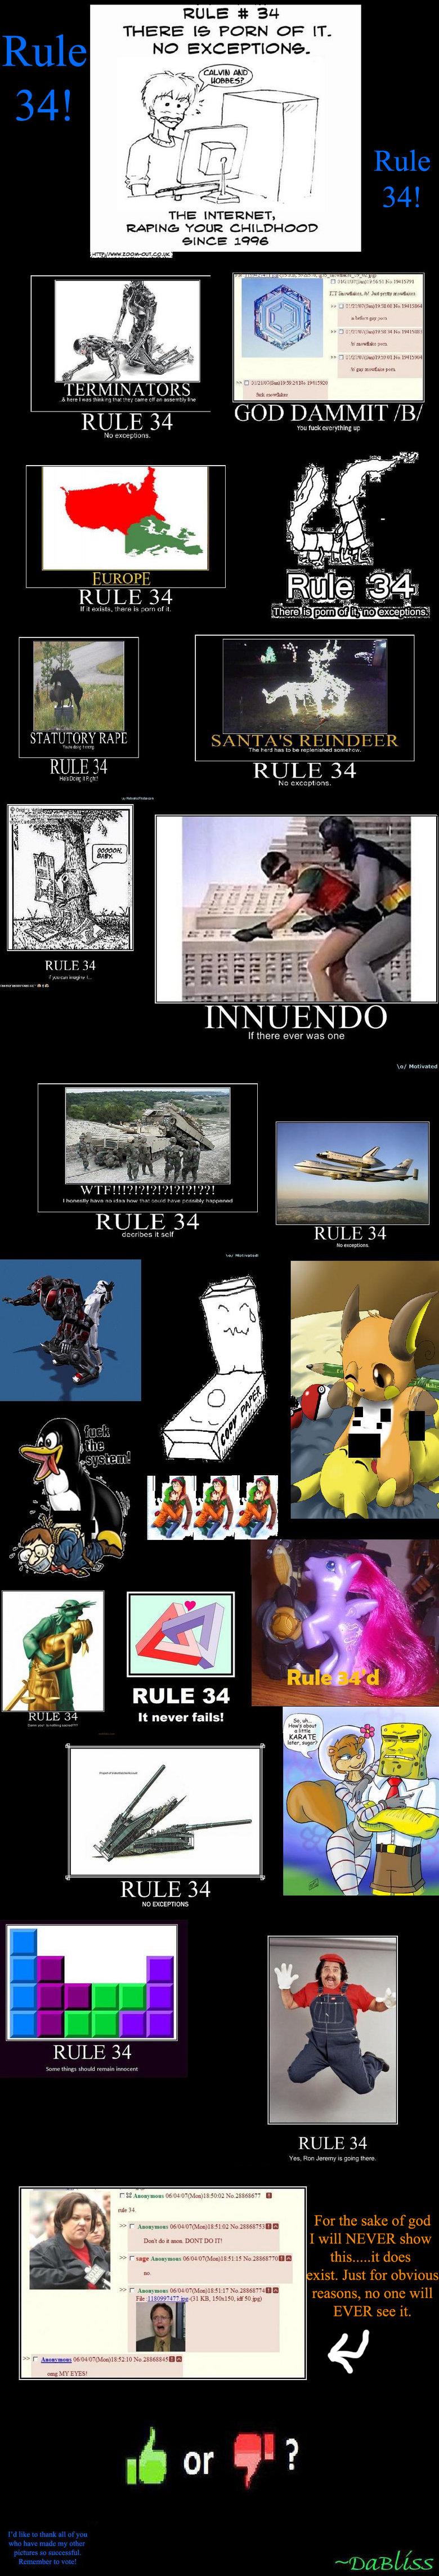 """Rule 34!. Here ya go! I hope ya like it! Remember to vote!. RULE 34 """" never fails'. RULE it MP, THERE Te PORN OF' """" THE INTERNET» YOUR CHILDHOOD GINGE J. RULE 3 rawr Fuu FUNNYJUNK funny lol Boobs"""